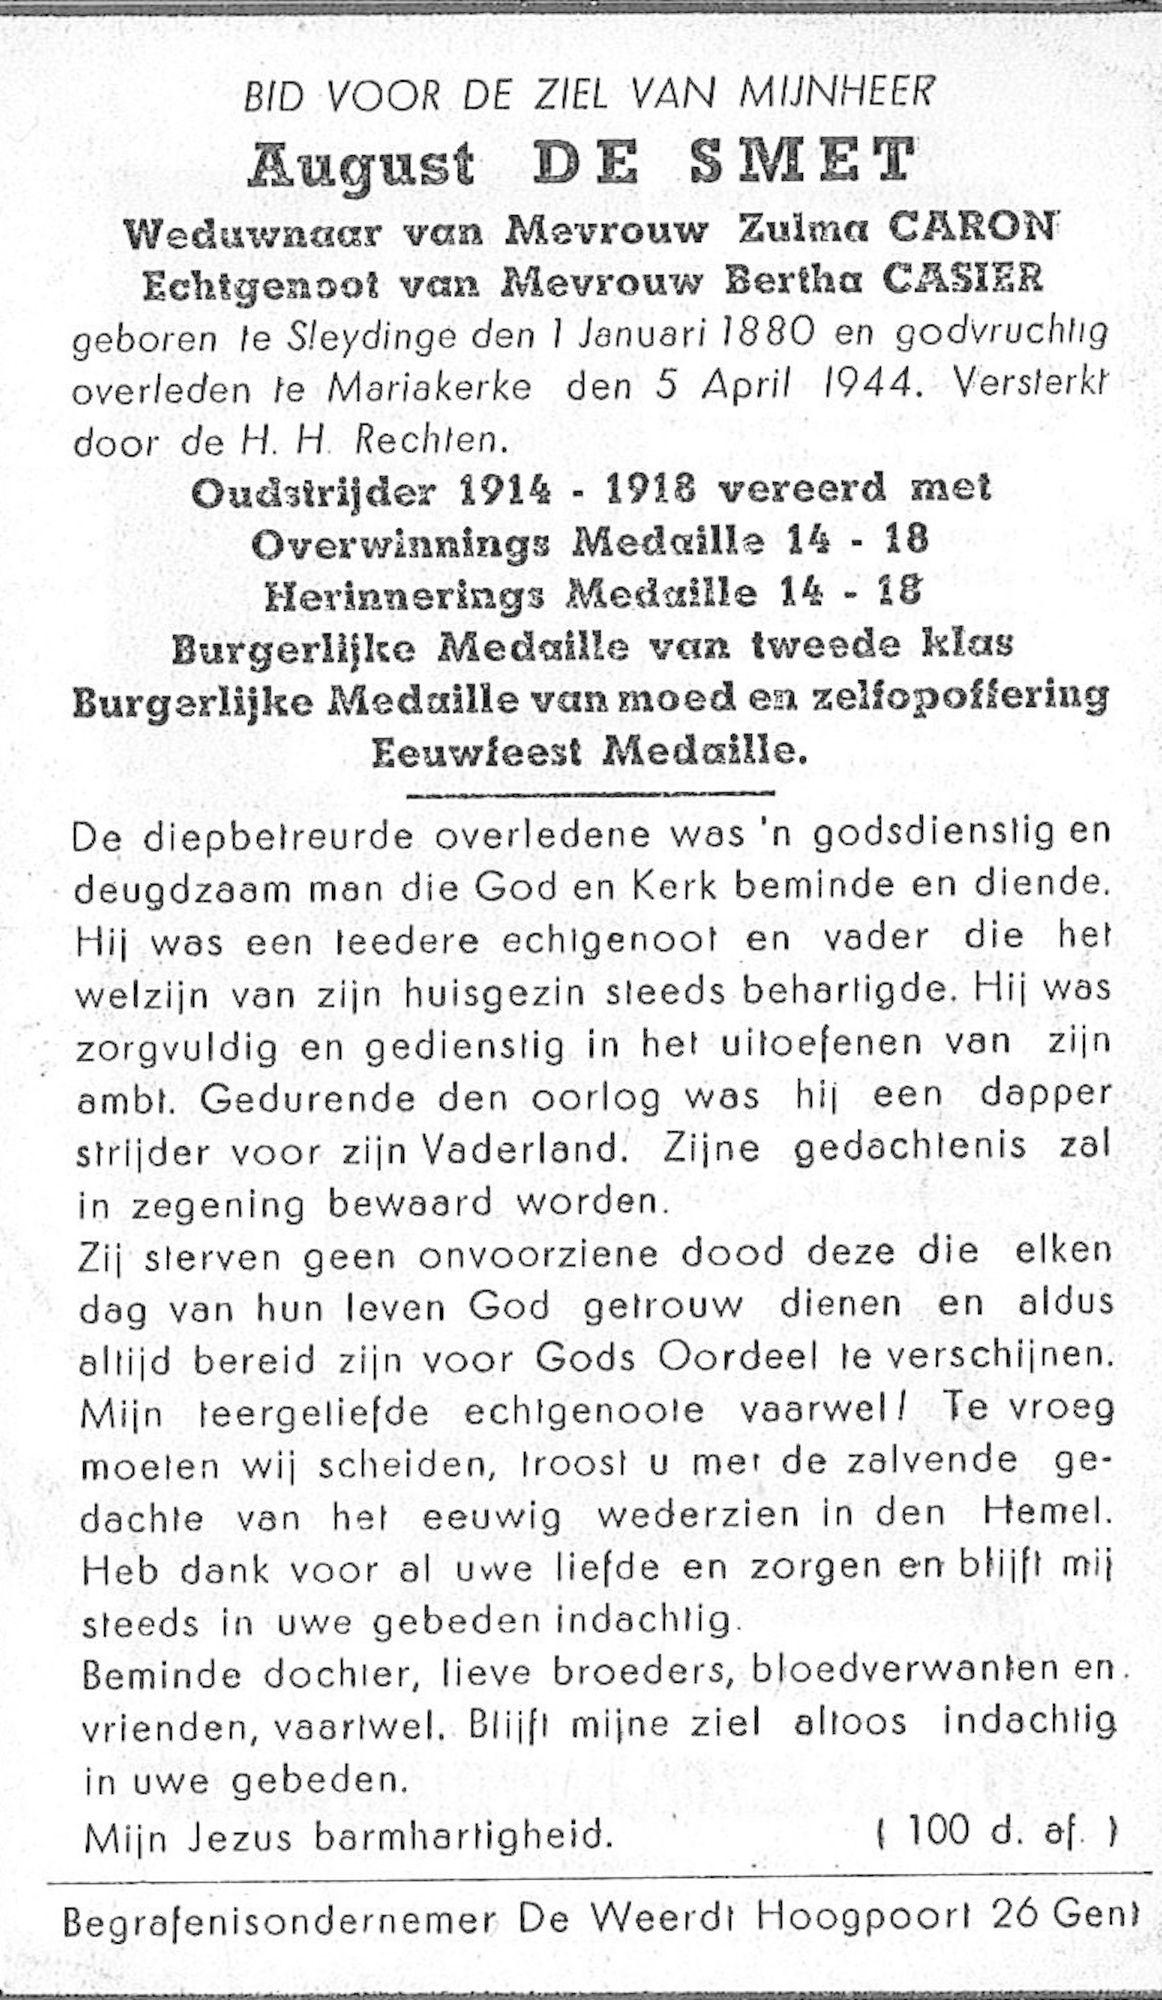 August De Smet